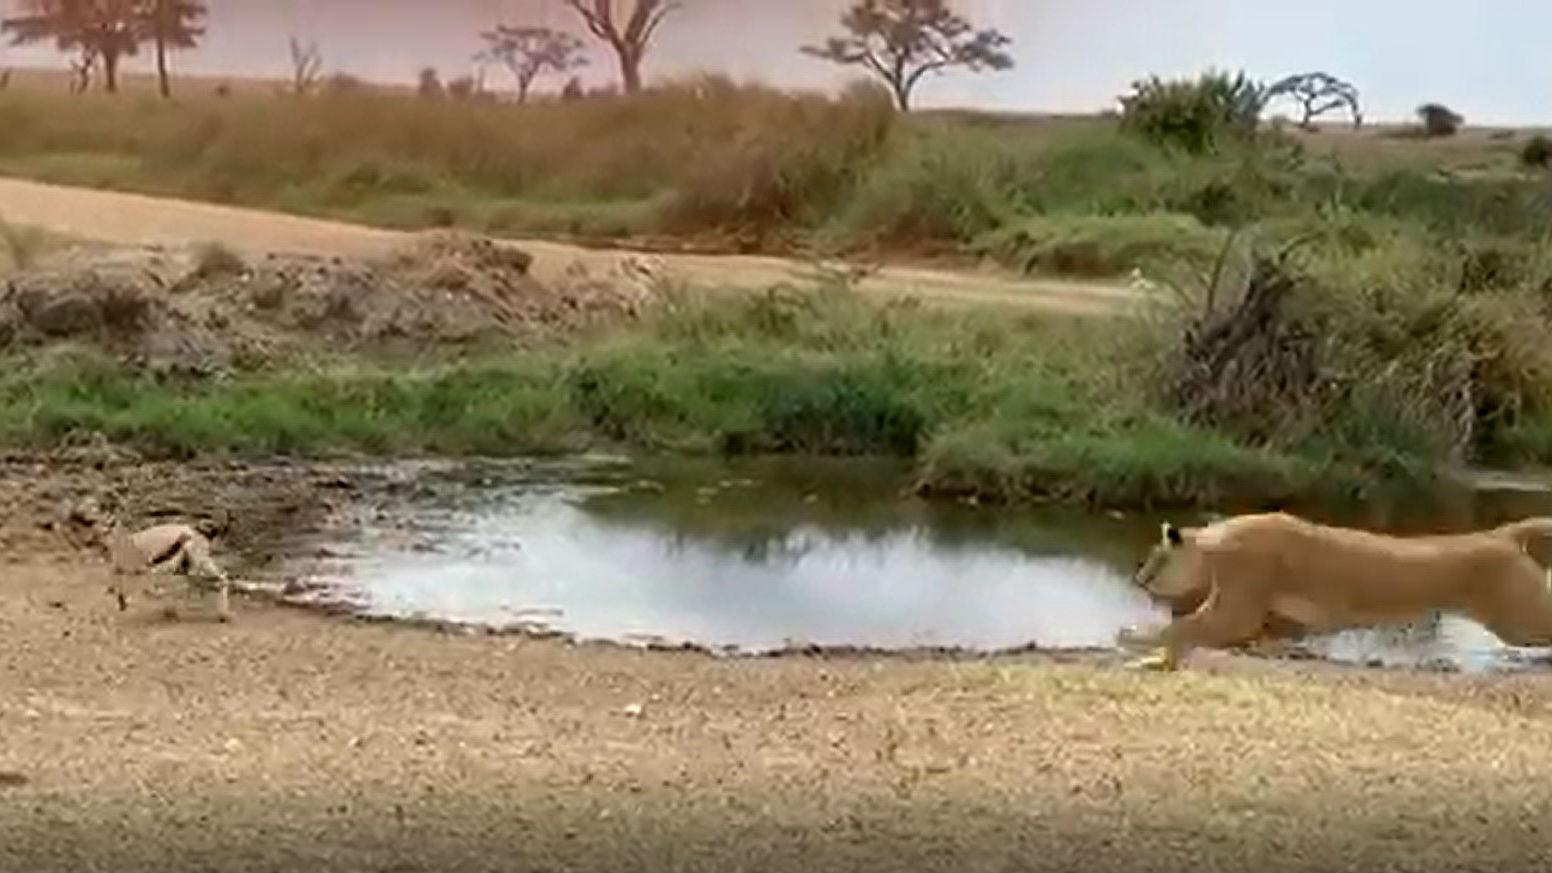 Espectacular esquivament d'una gasela a una lleona al Serengueti, a Tanzània